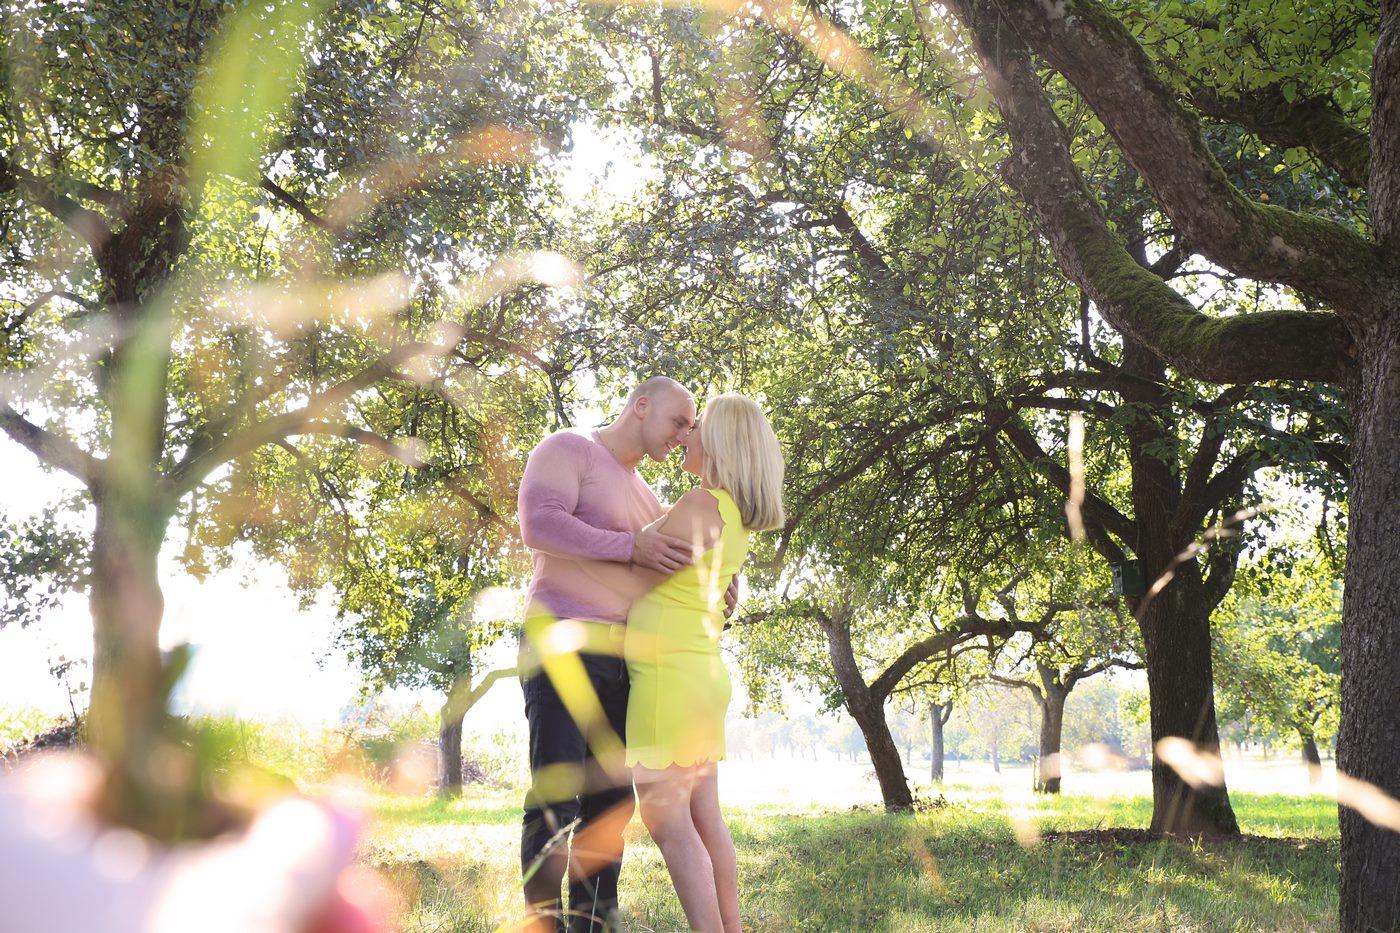 sich küssendes Ehepaar unter Obstbäumen